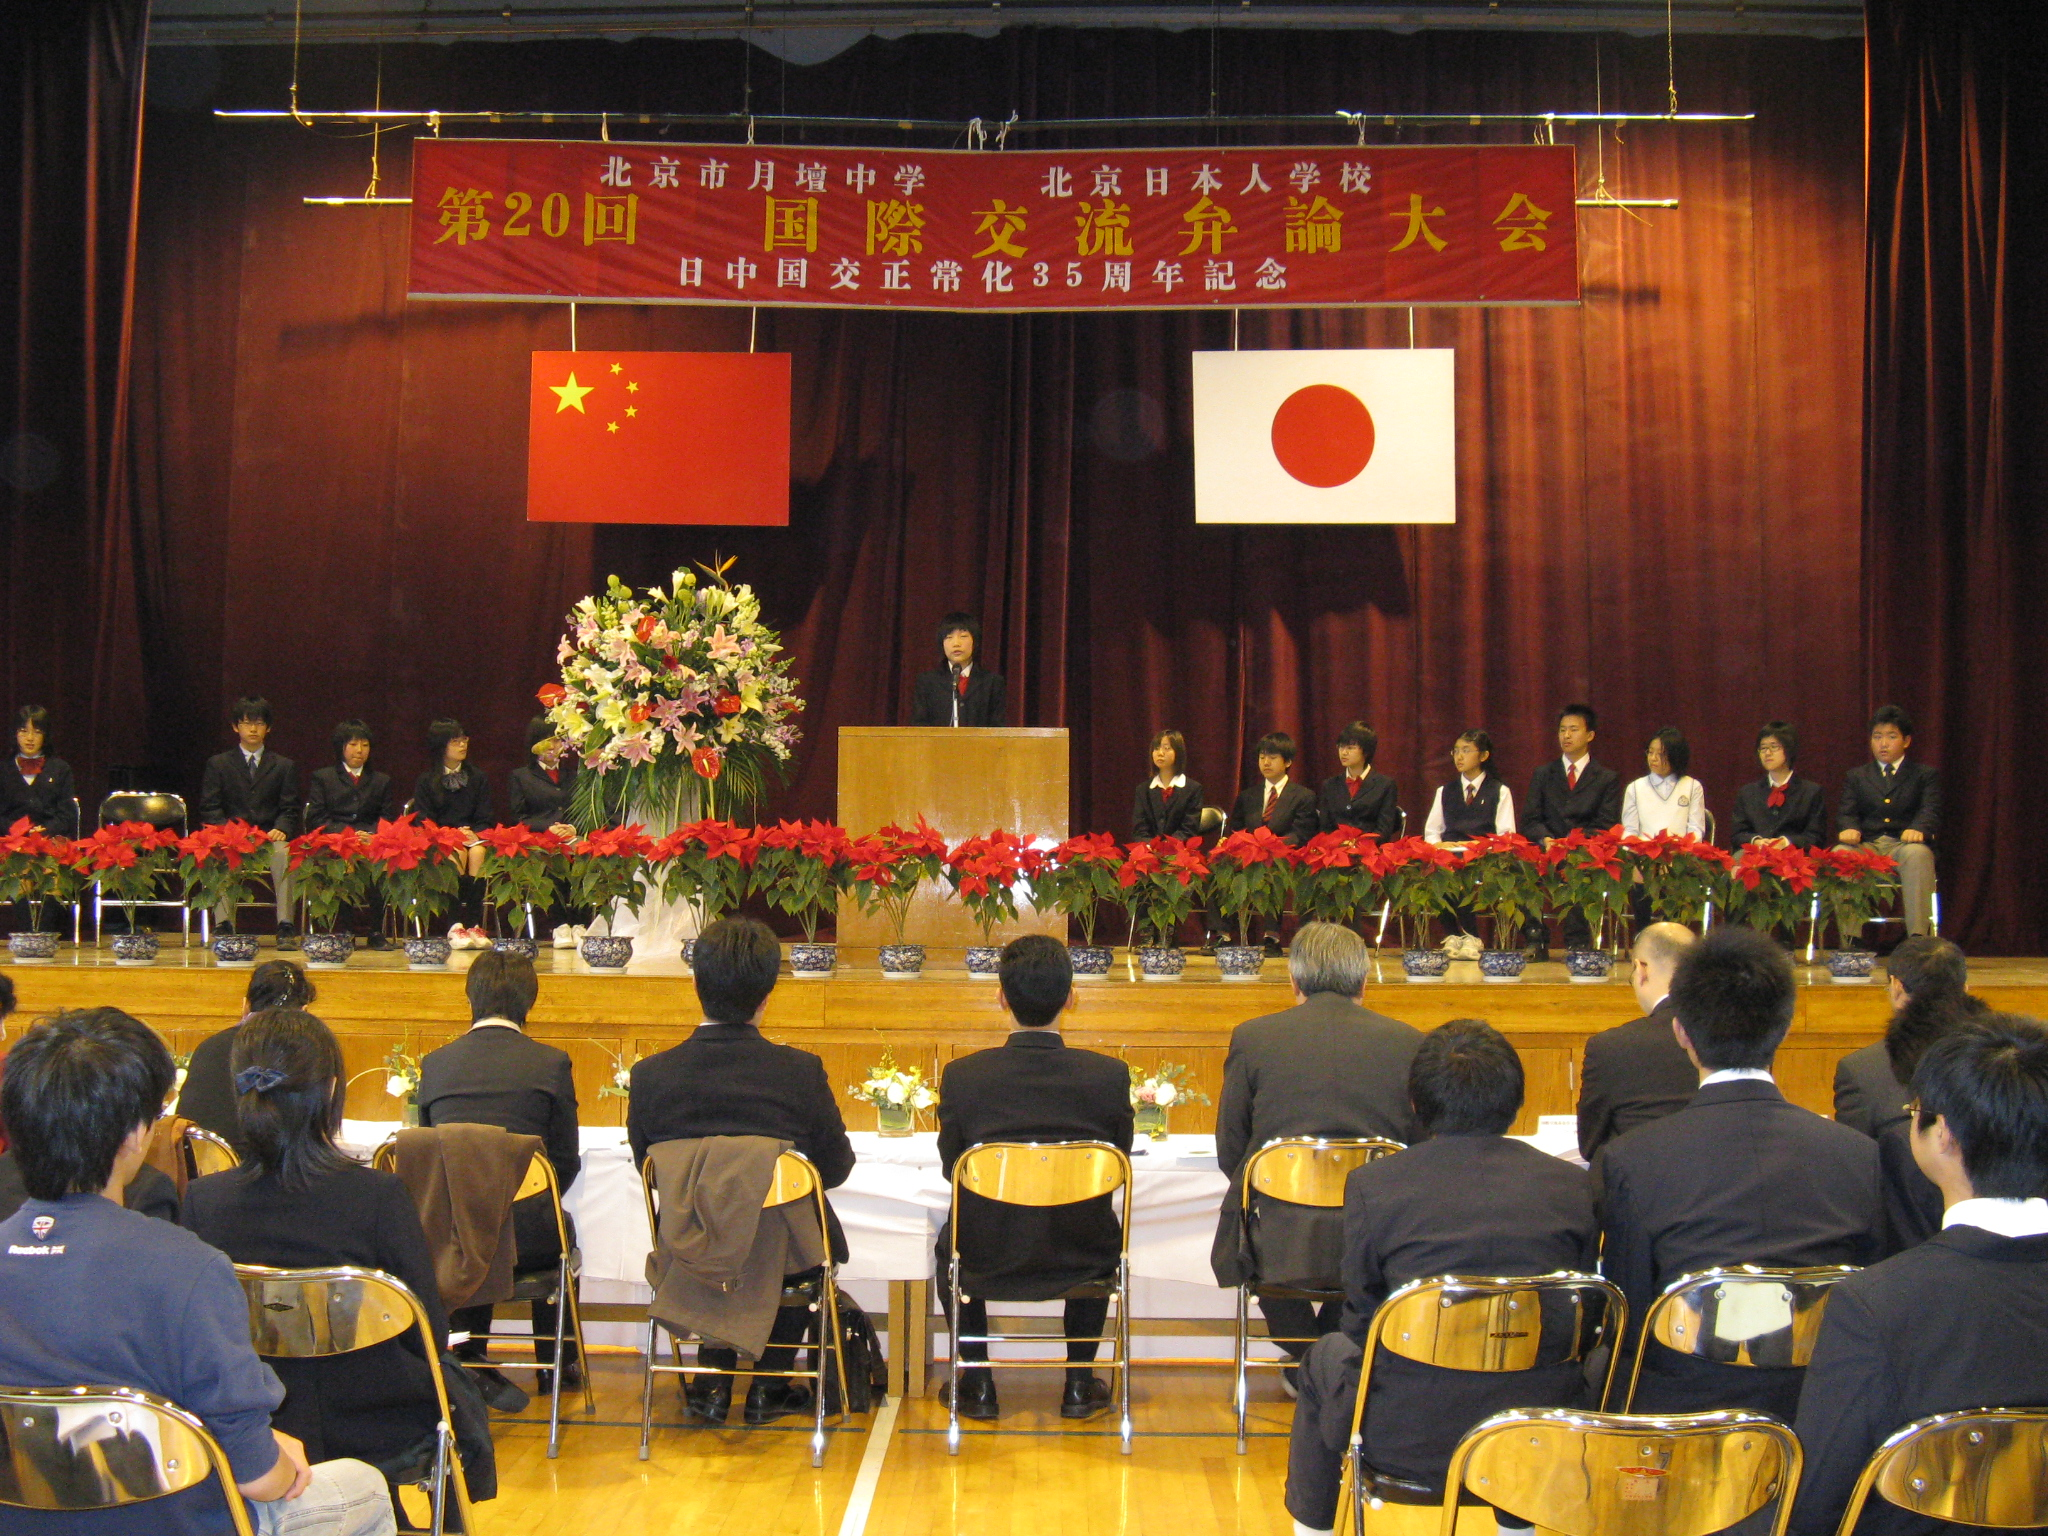 第20届中日演讲学生合影(2007年).jpg